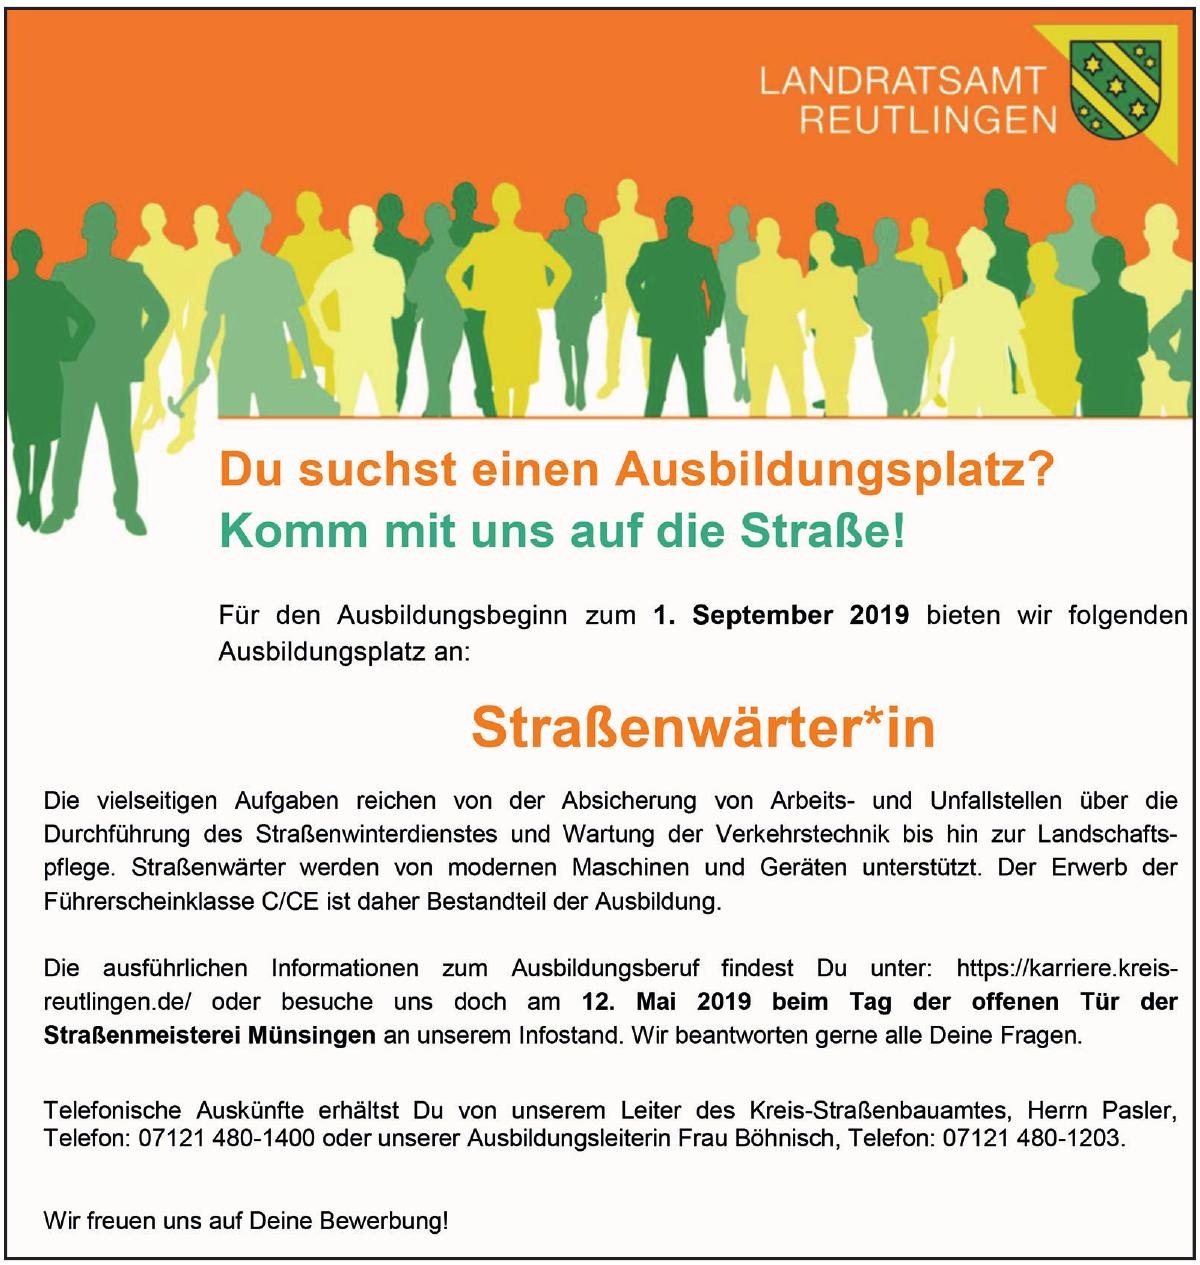 Landratsamt Reutlingen